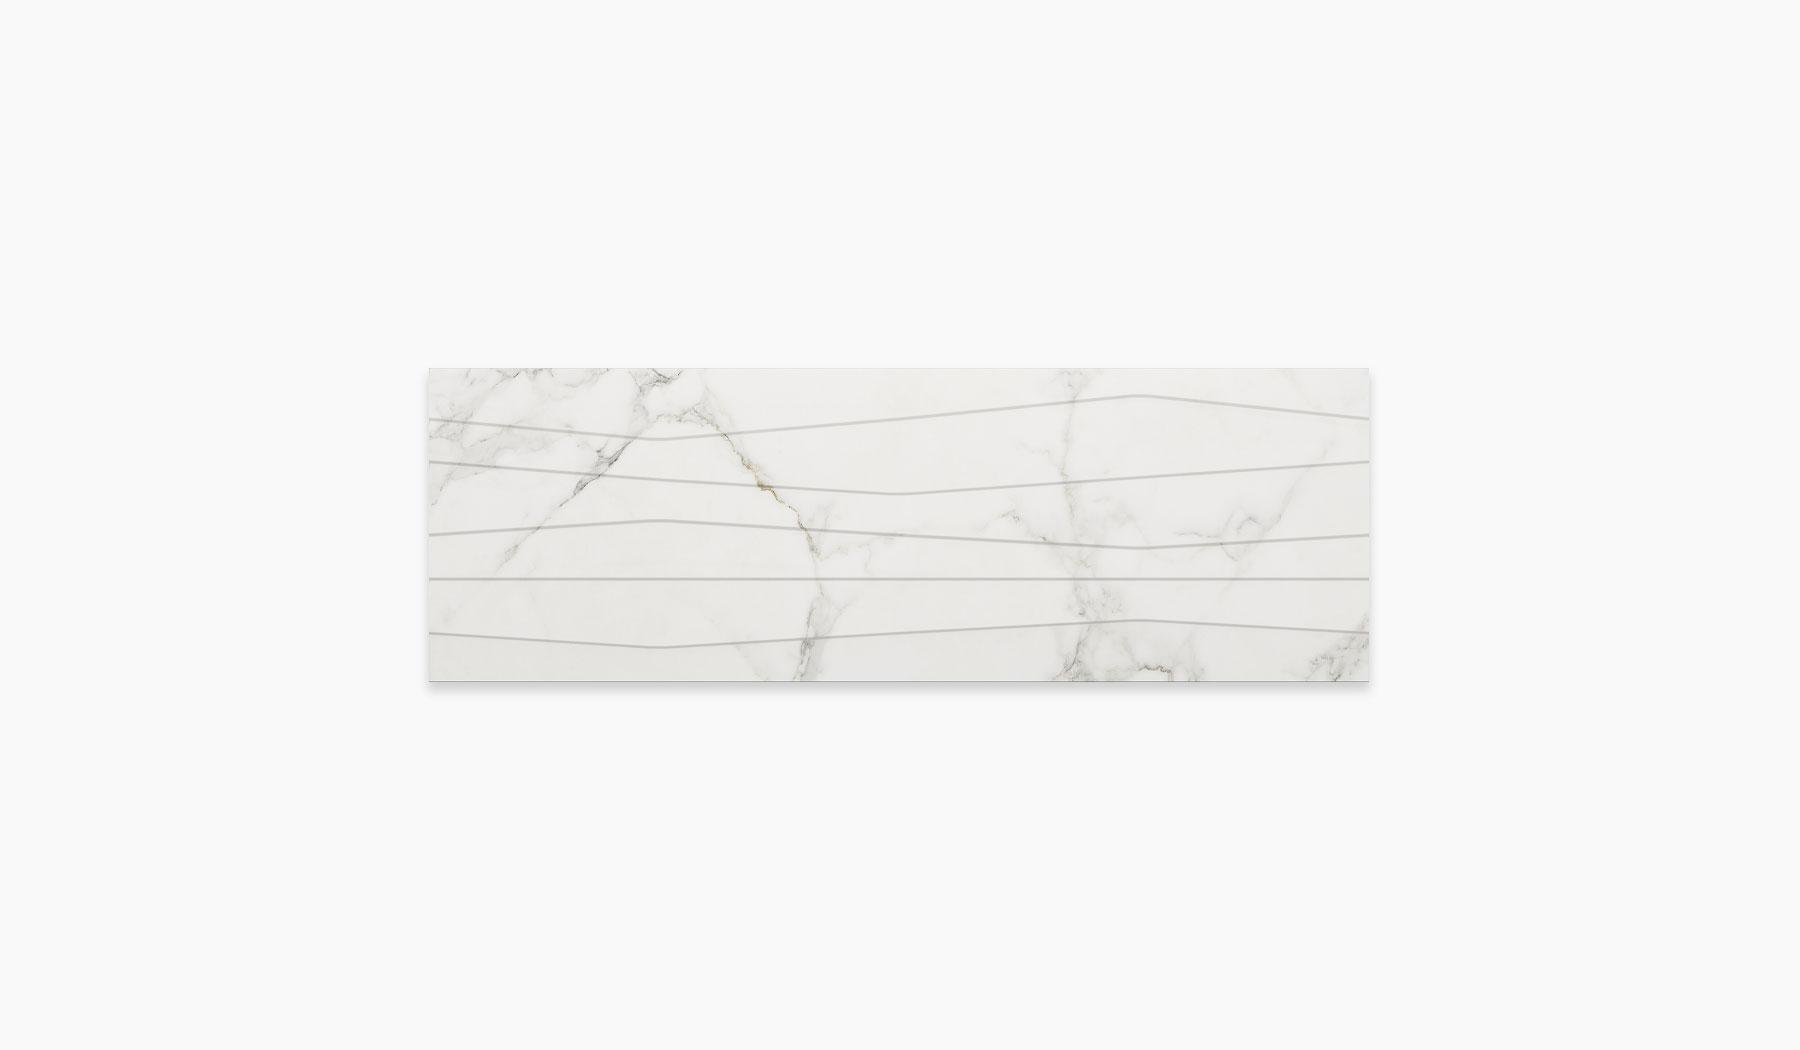 کاشی و سرامیک بوم سرامیک ، کاشی دیوار شایلین سفید سایز 30*90 لعاب براق پانچ با زمینه سنگ